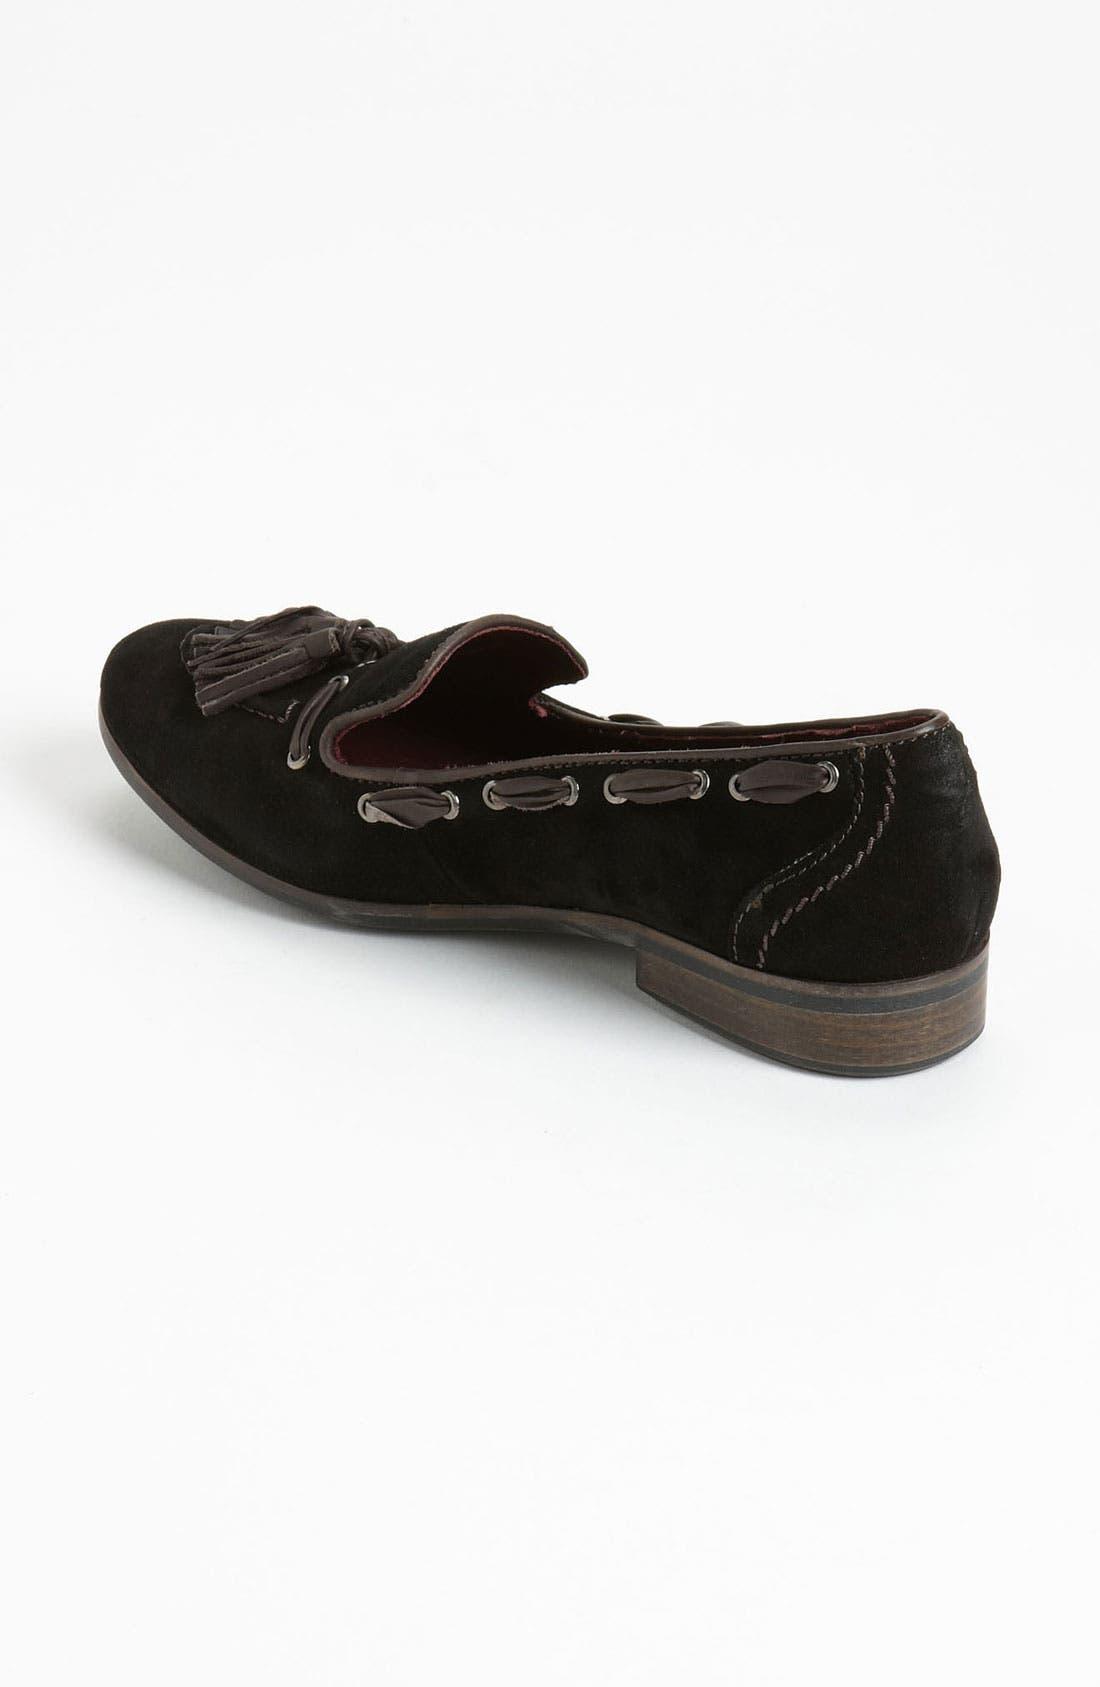 Alternate Image 2  - ECCO 'Norwalk' Tassel Loafer